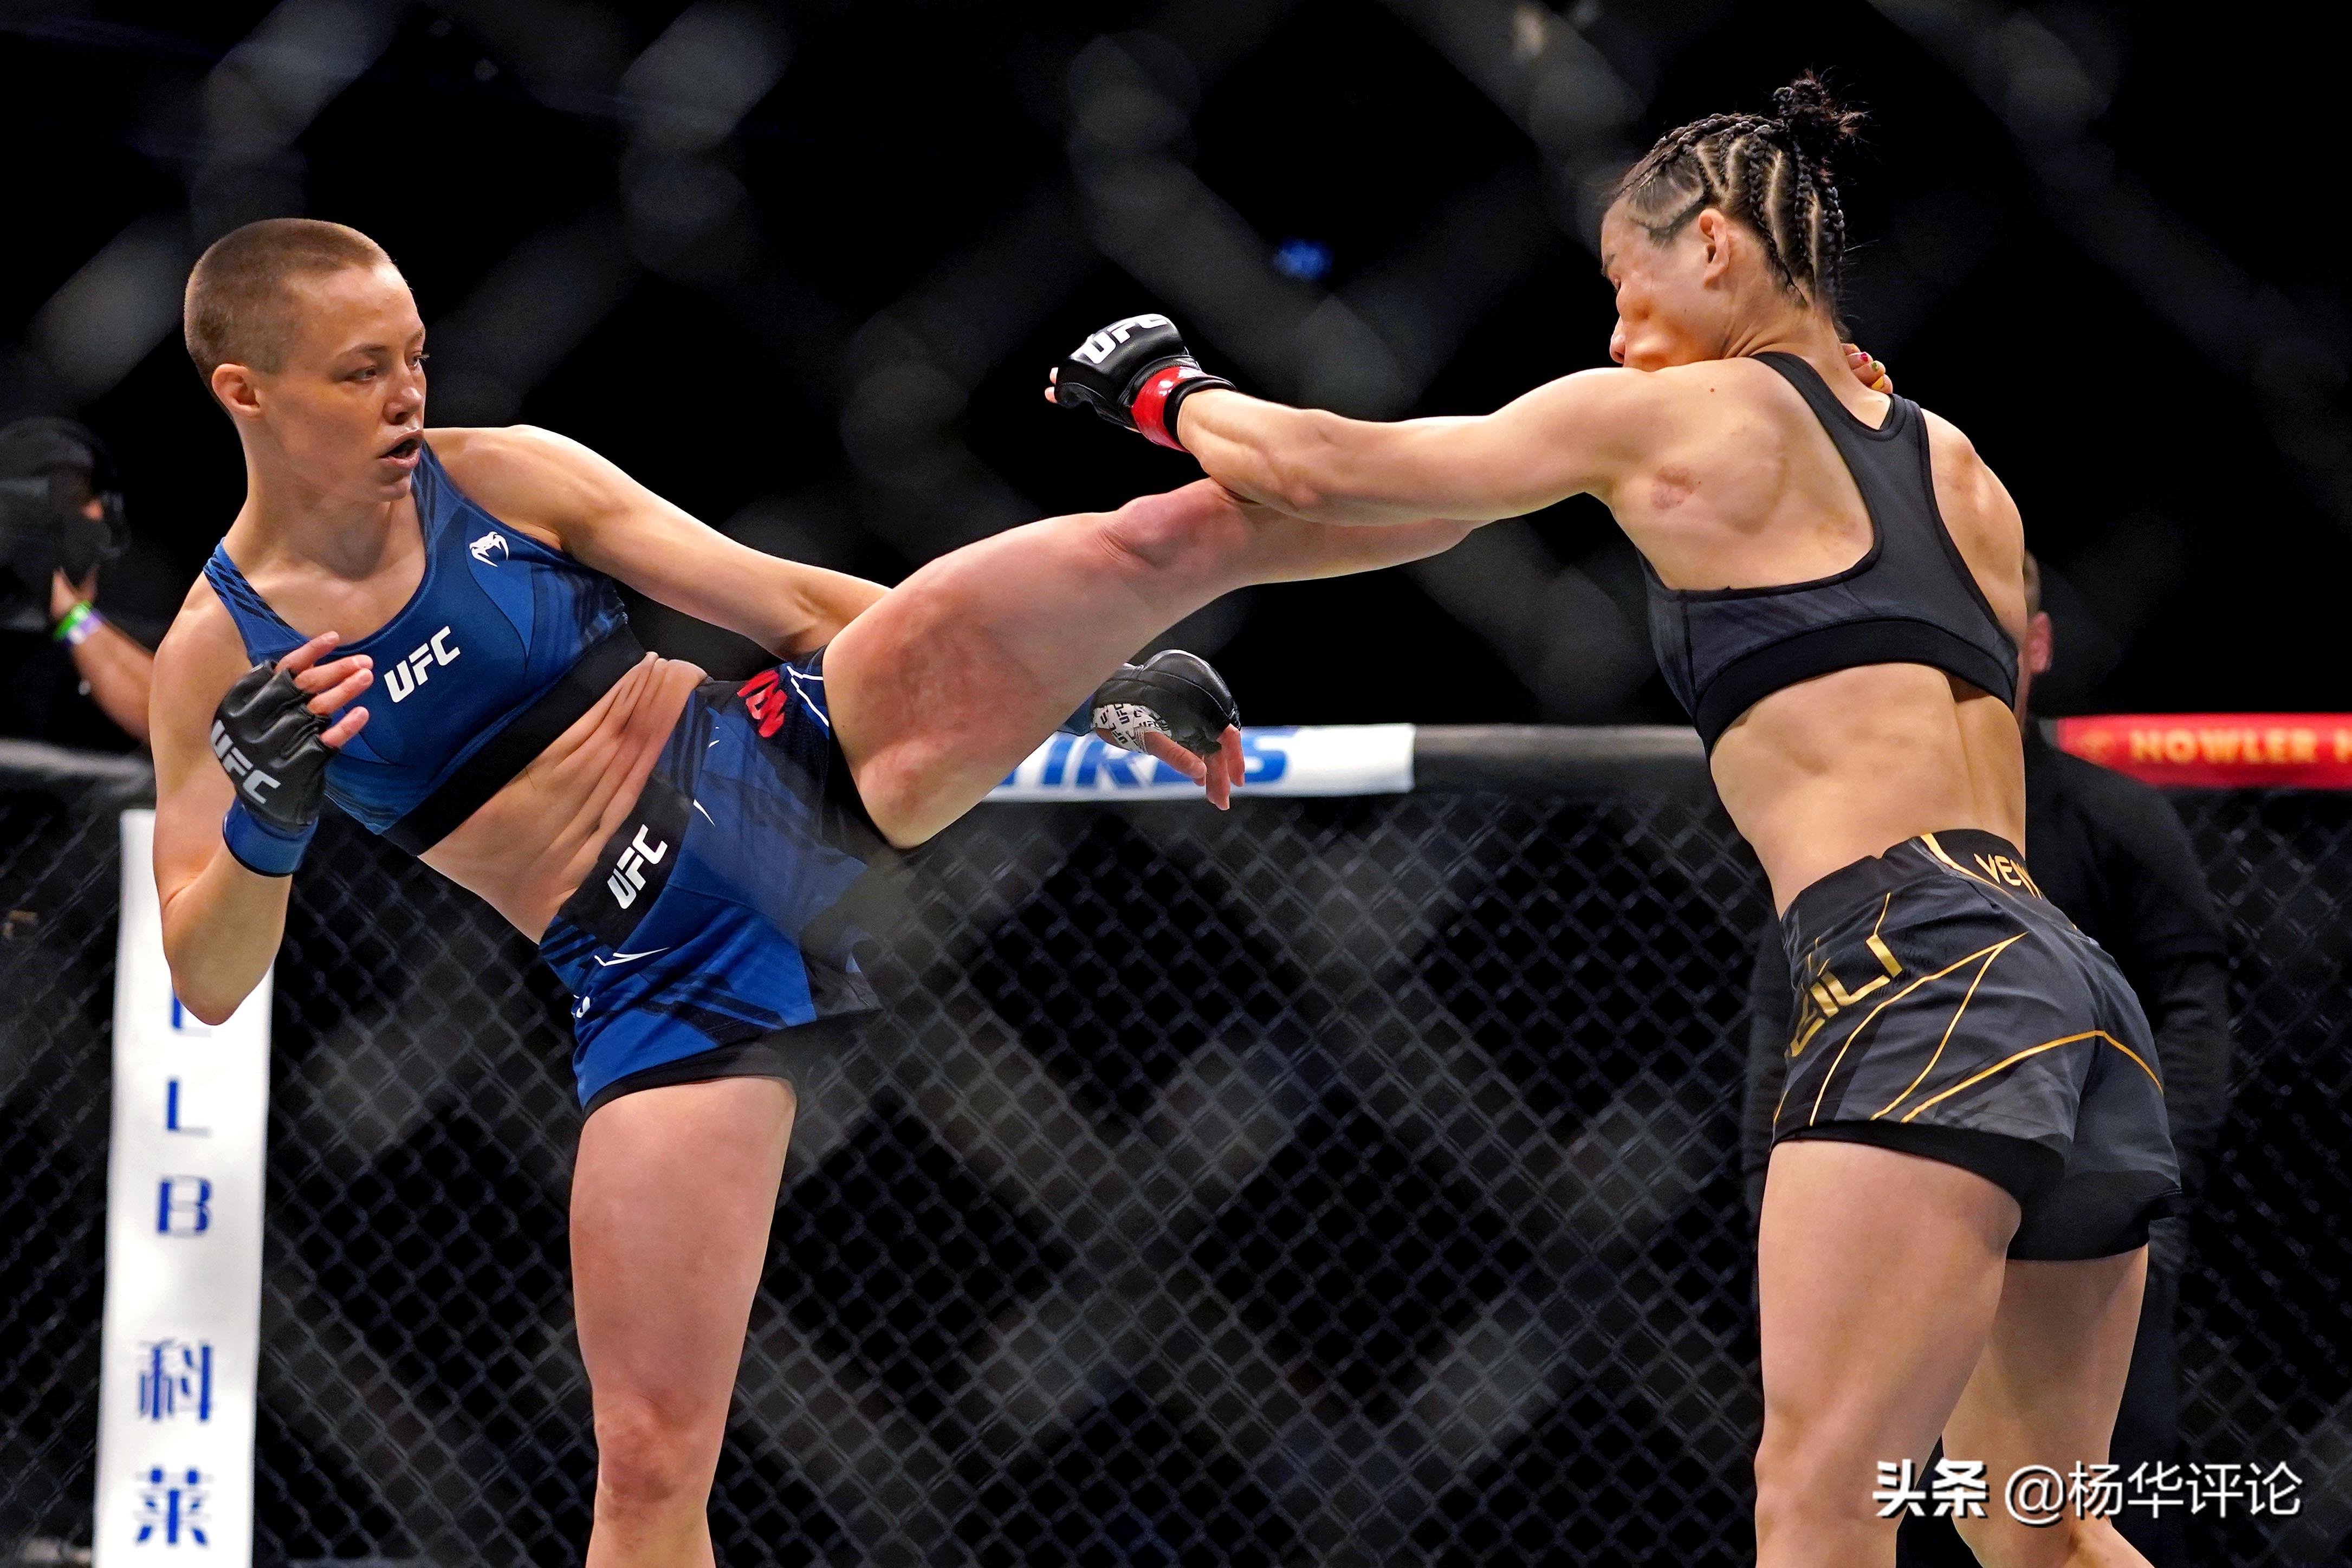 复仇有望了!张伟丽团队变得空前强大,UFC双冠王和韩国僵尸助阵